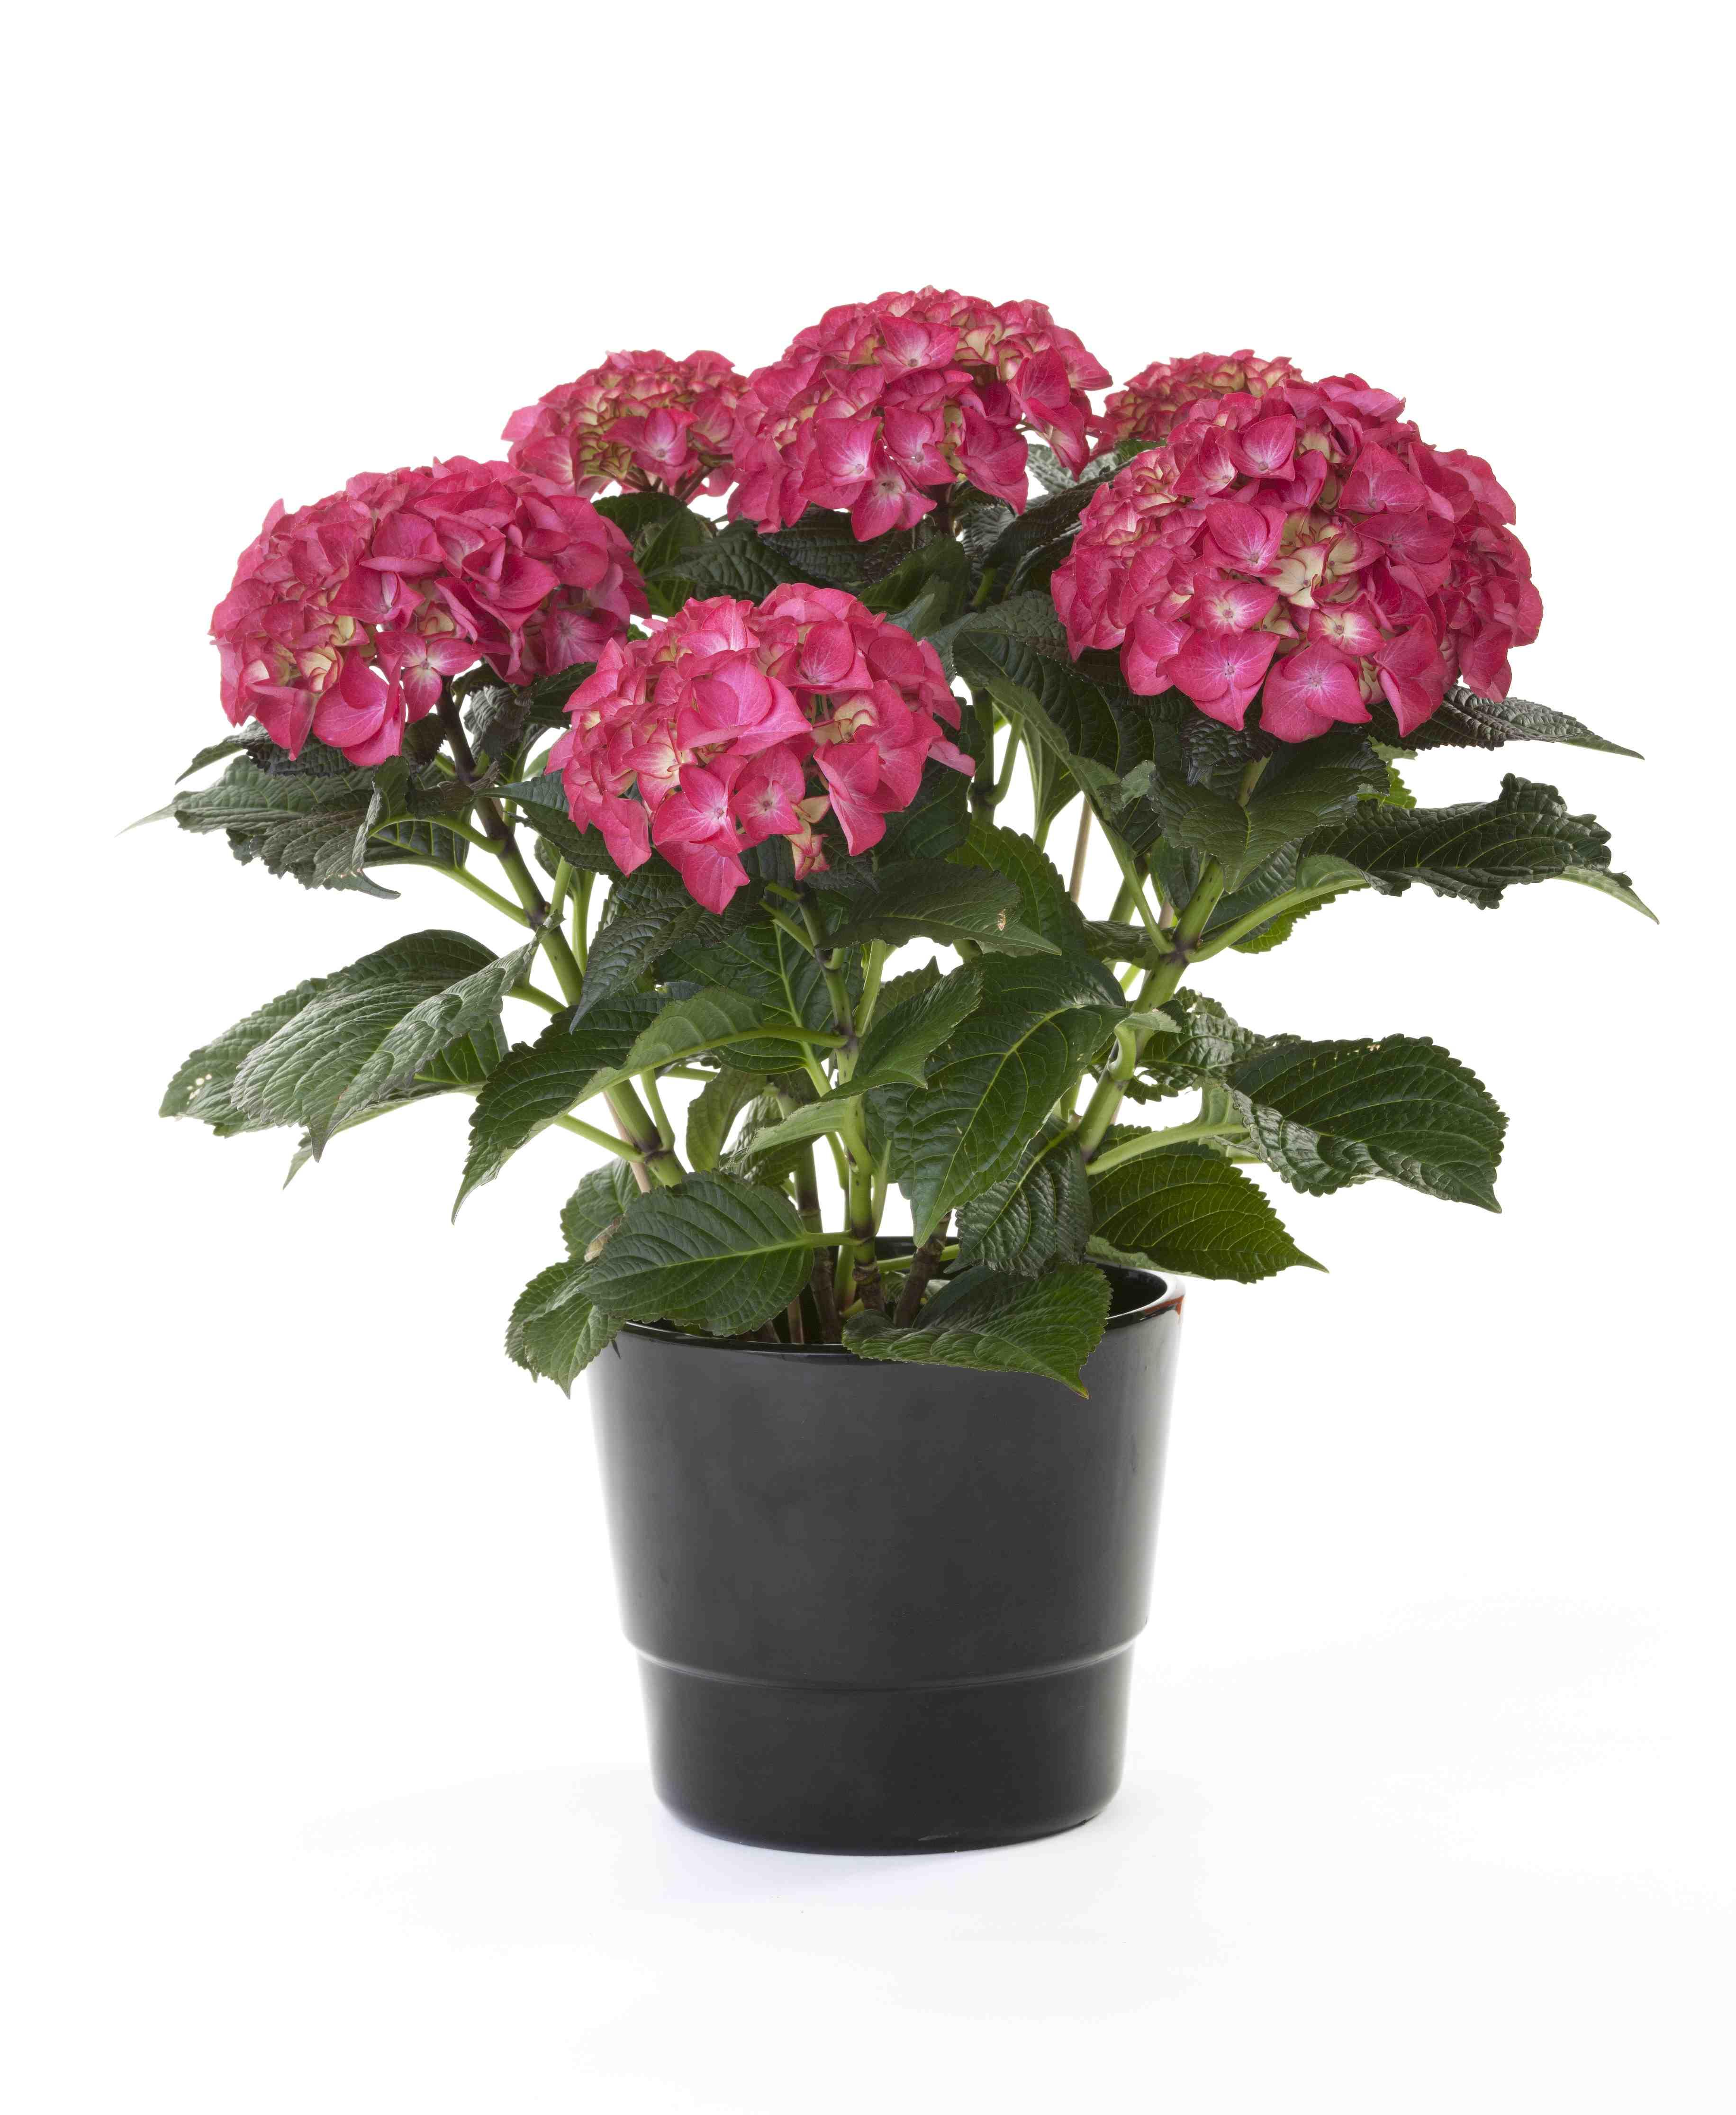 Avec ses grosses «boules» de fleurs bleues, roses, violettes, rouges, pourpres ou blanches, lhydrangée à grandes feuilles, appelée aussi quatre,saisons ou